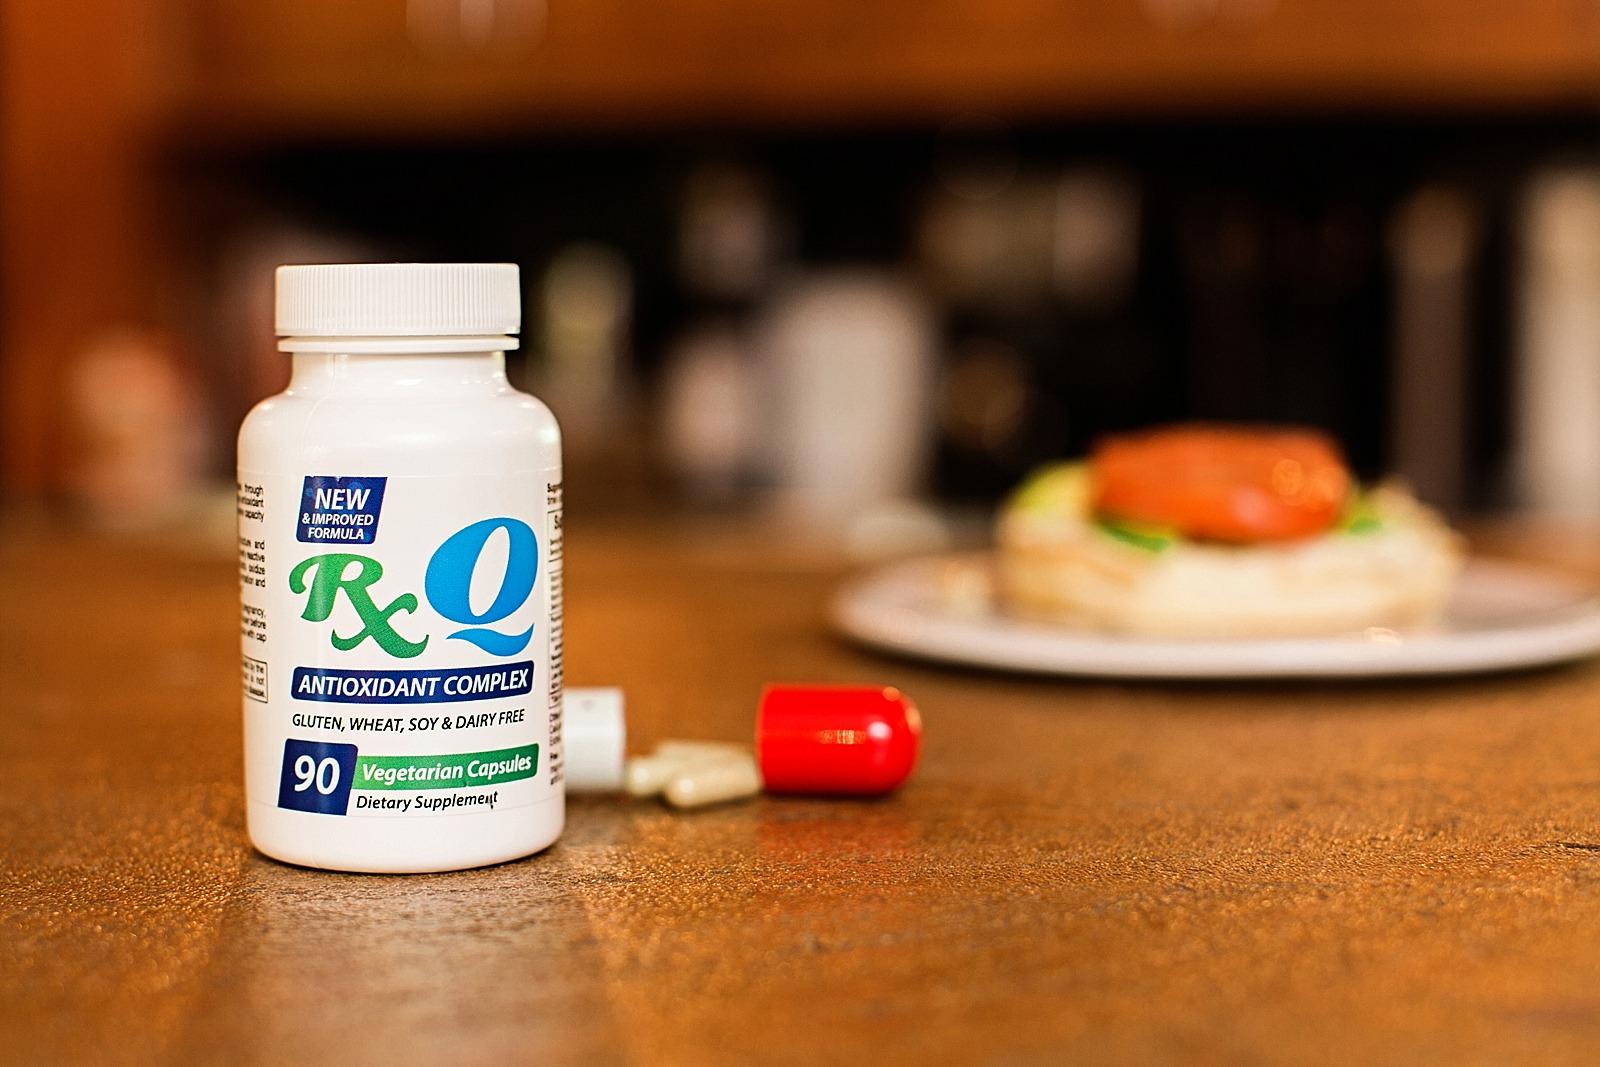 rxQ-antioxidant-complex-review-9915